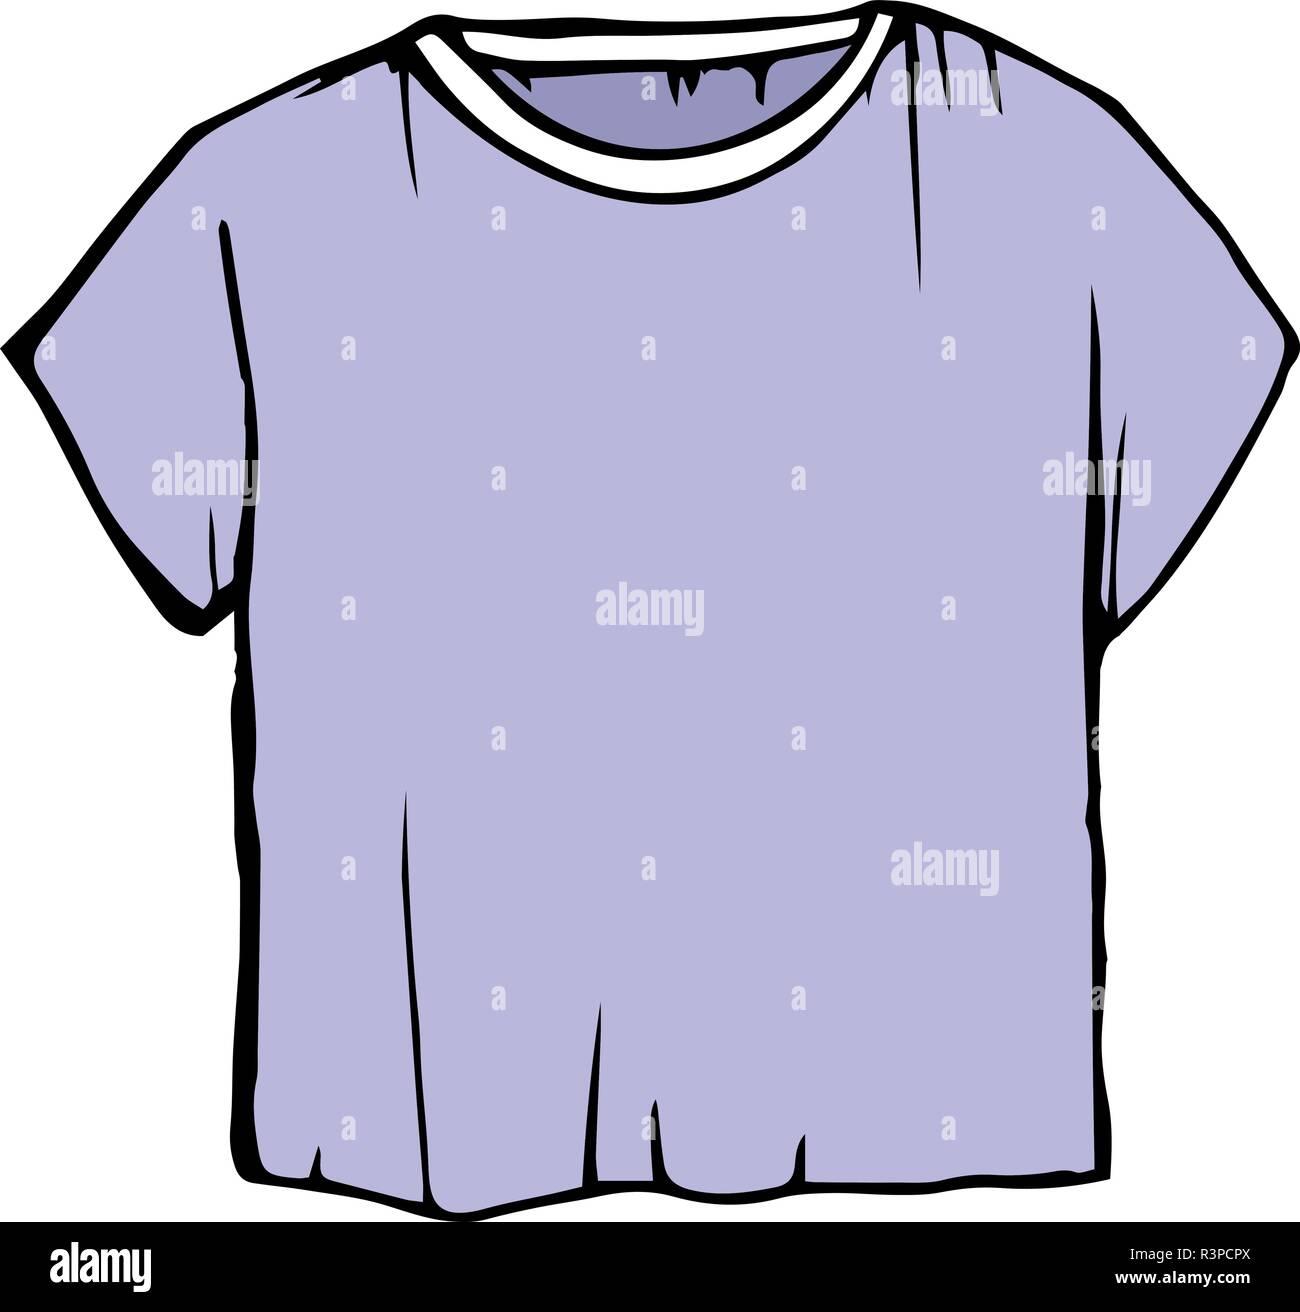 Bambini Pastello Contorno Del Disegno Vestiti T Shirt Viola